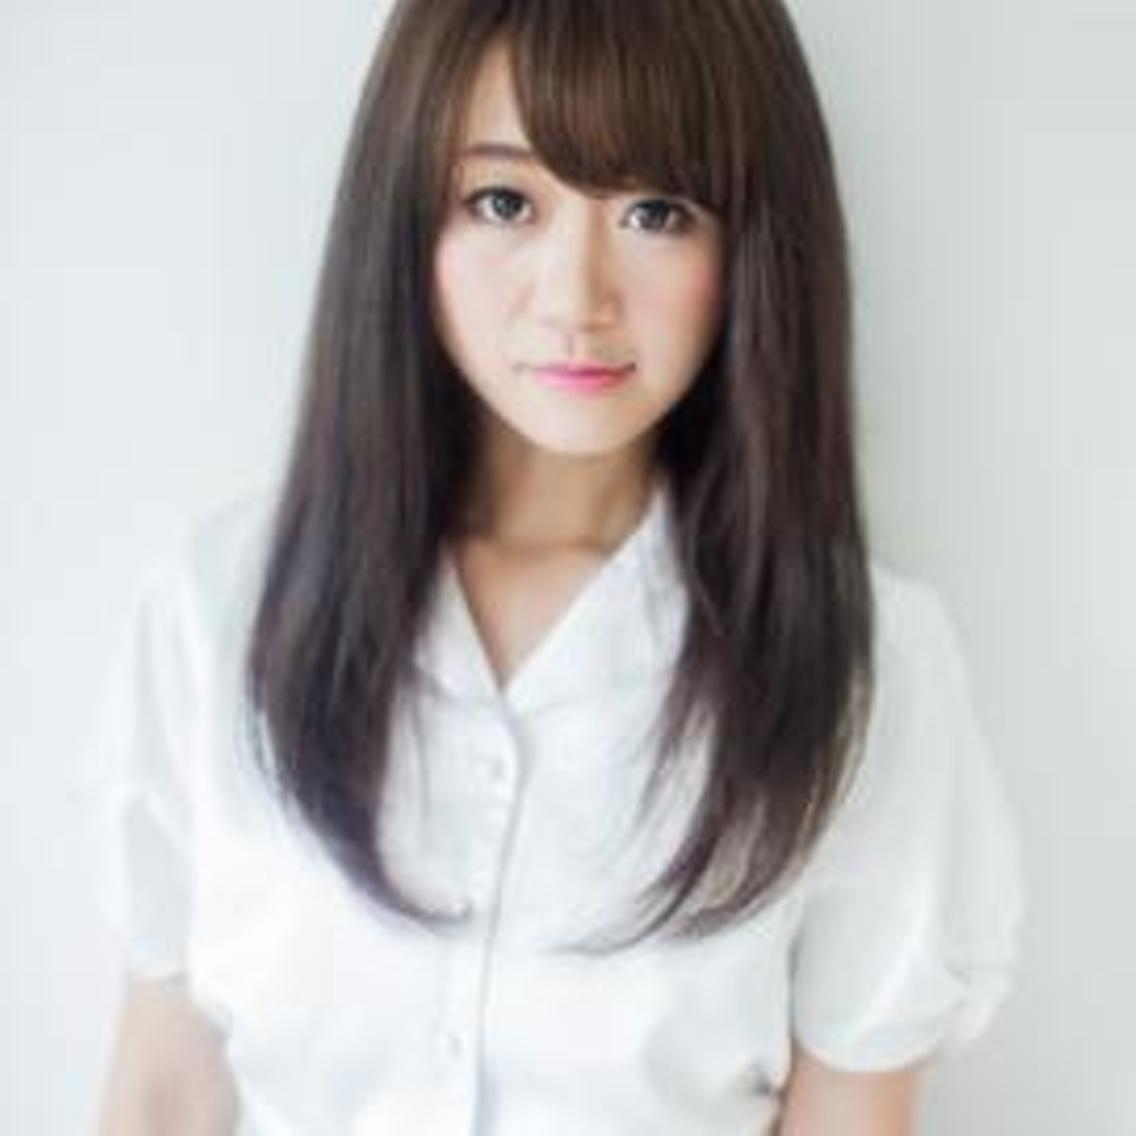 就活黒染め&ケラスターゼトリートメント&前髪カット3000円